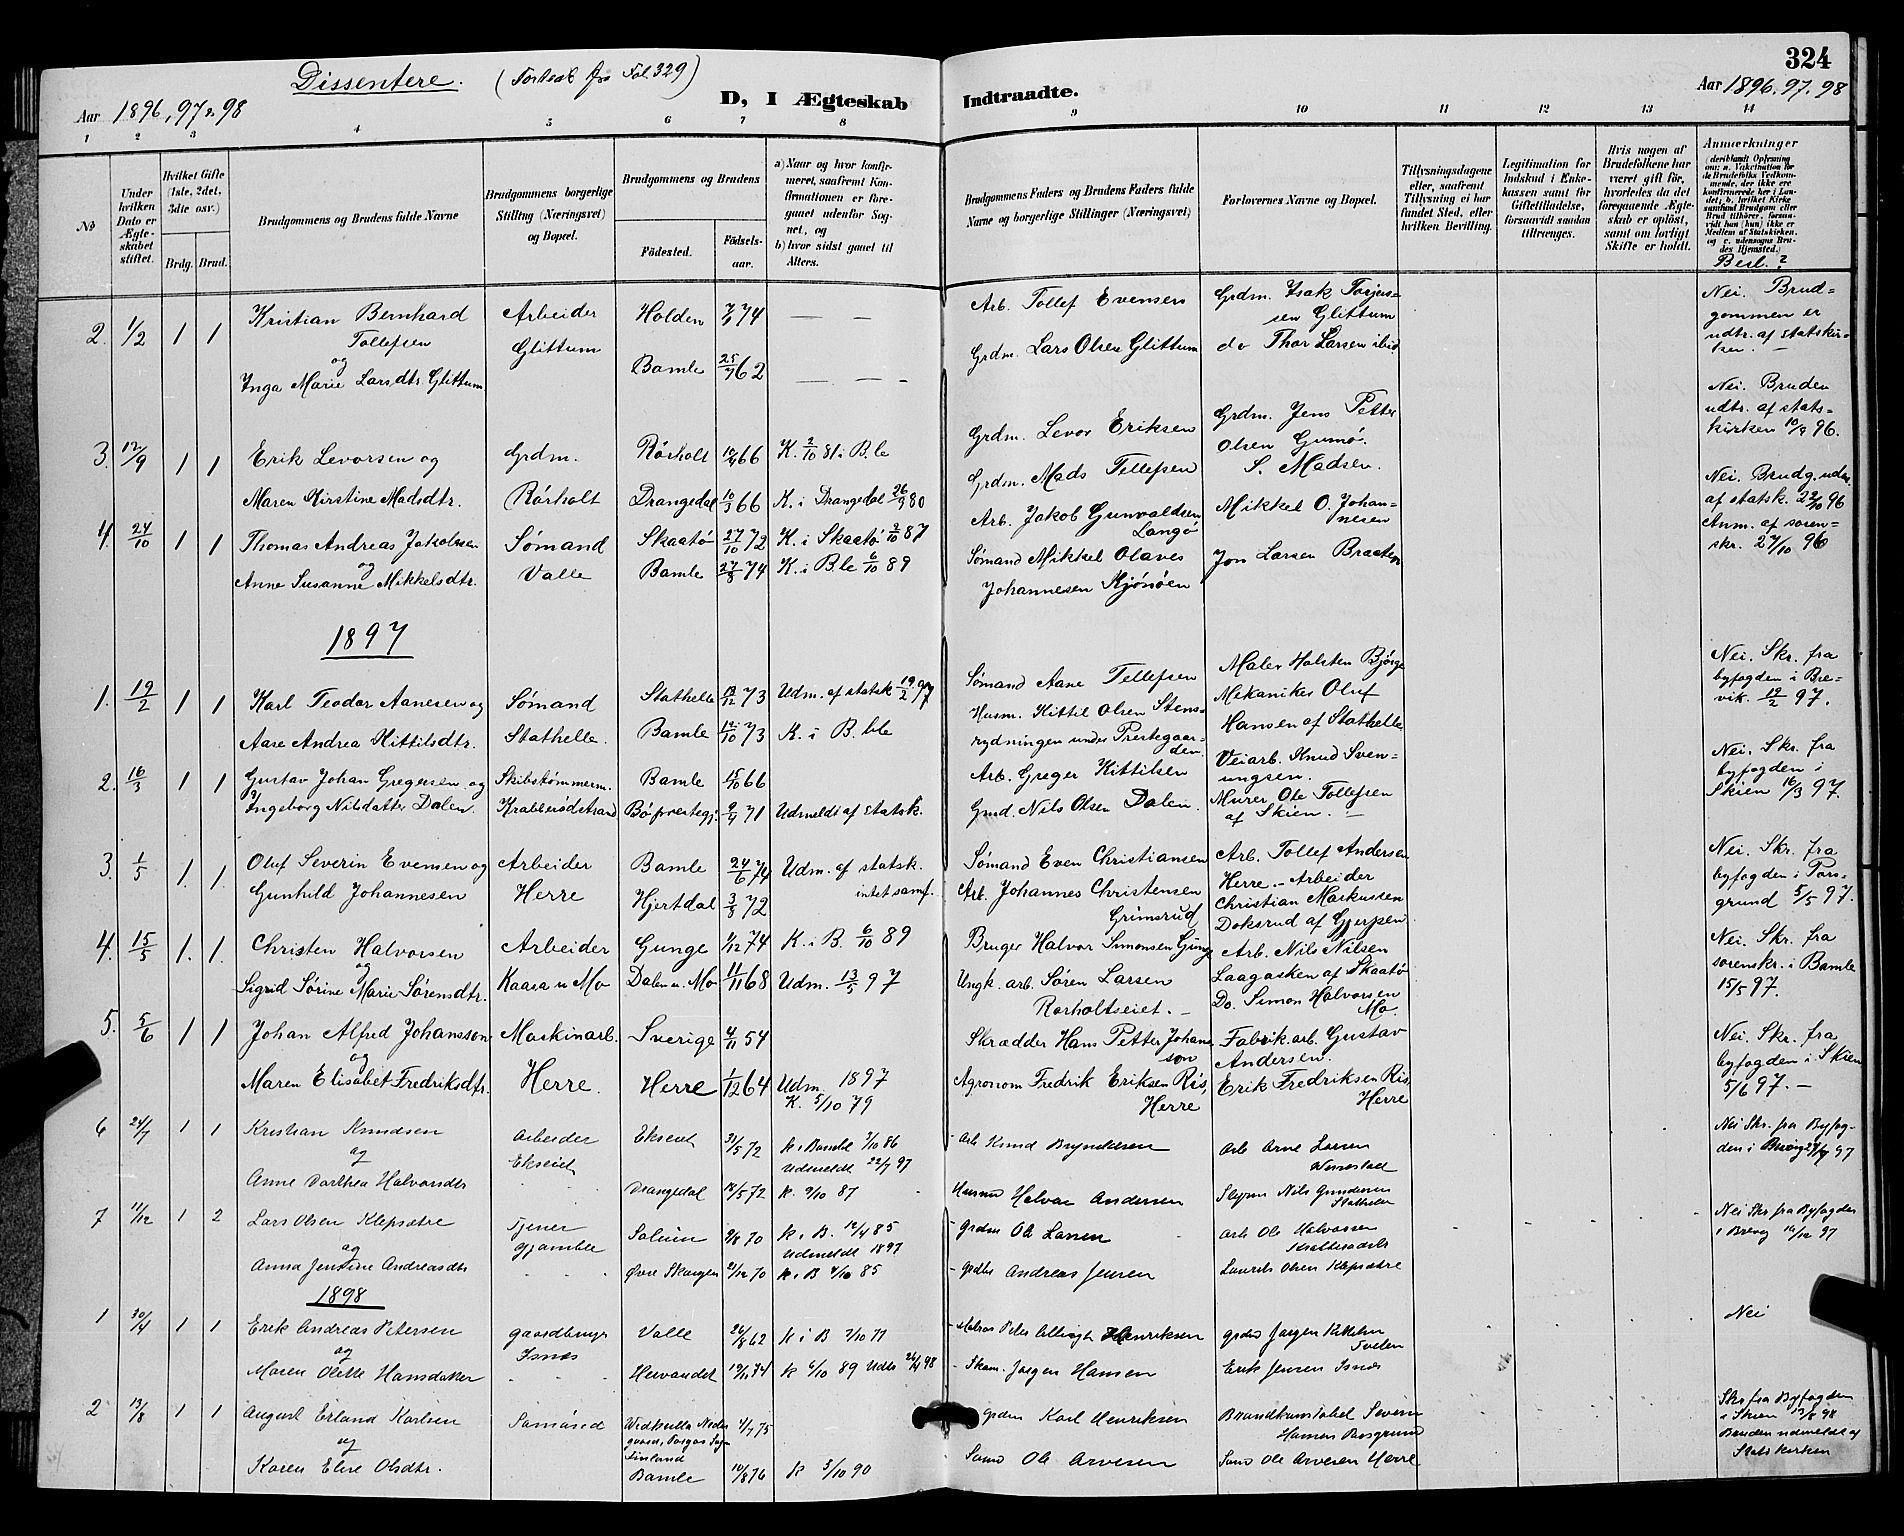 SAKO, Bamble kirkebøker, G/Ga/L0009: Klokkerbok nr. I 9, 1888-1900, s. 324